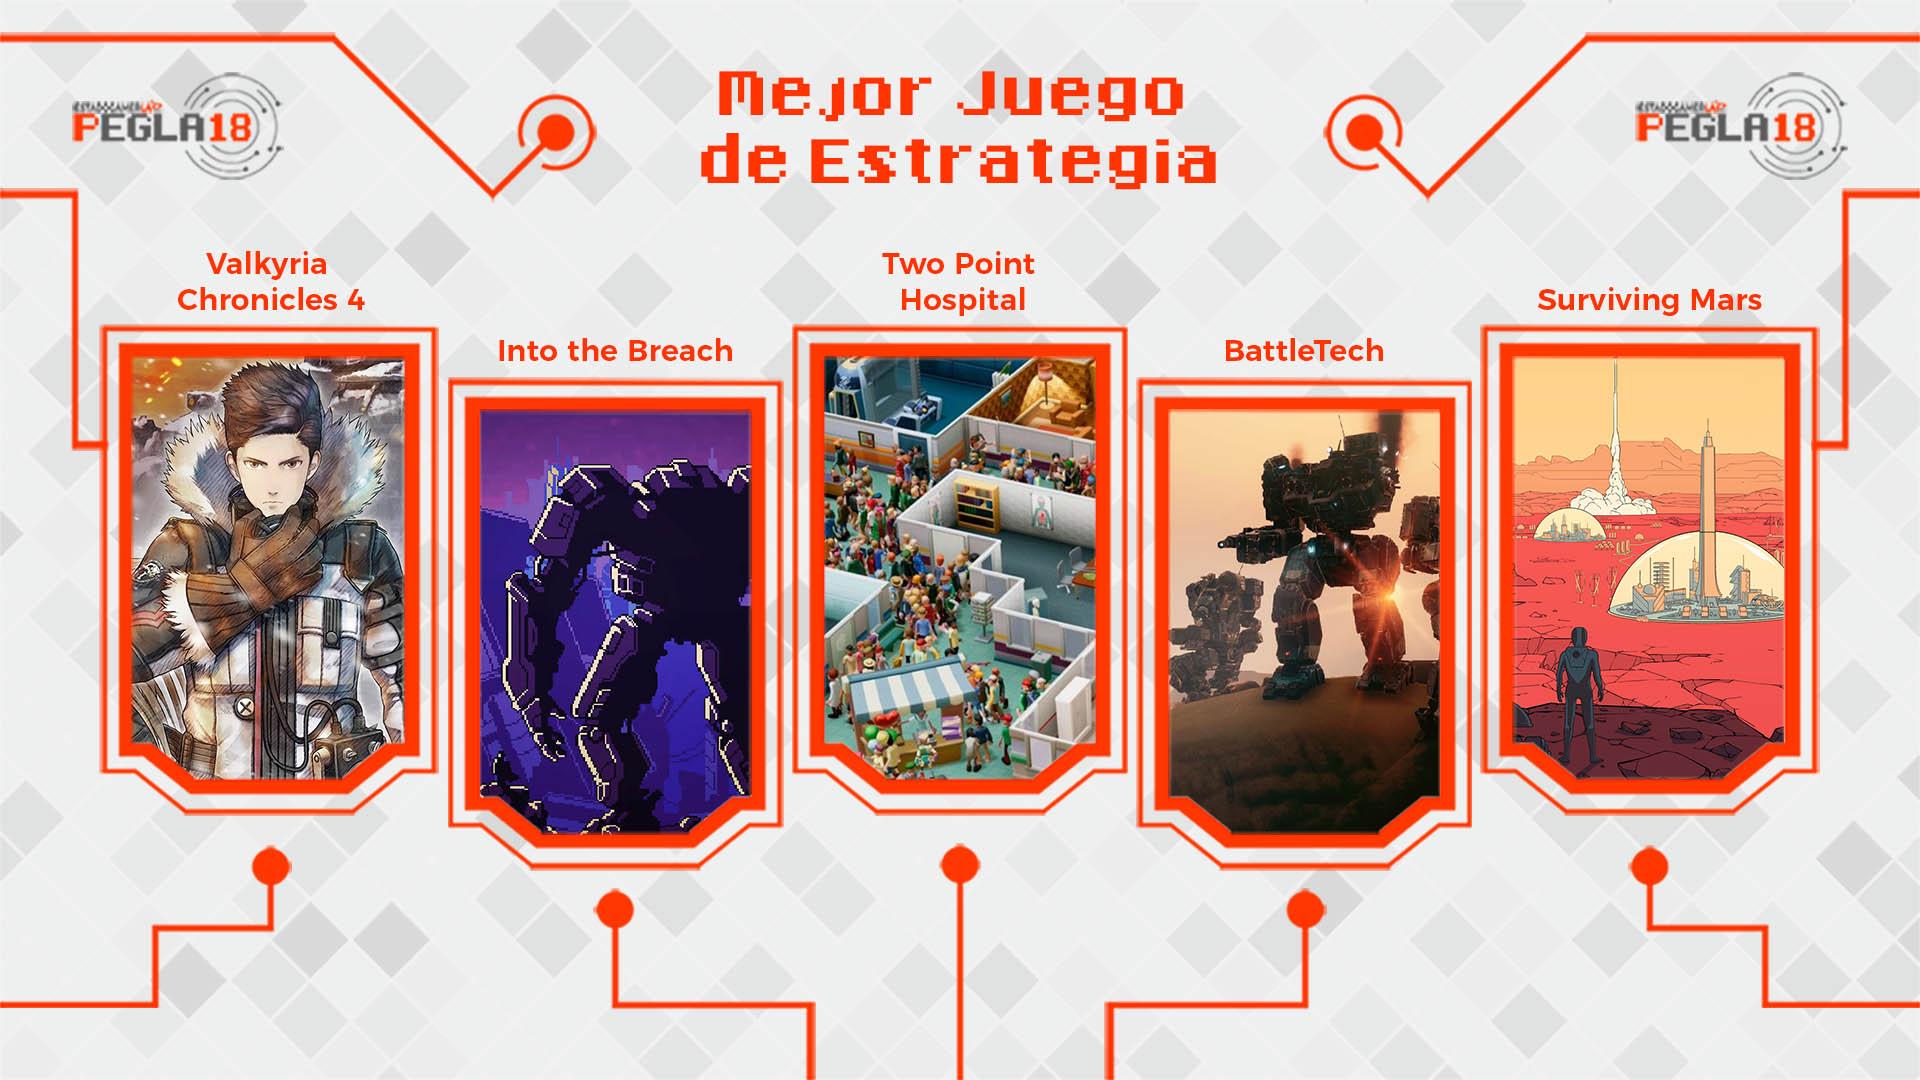 Premios EGLA 2018 Mejor Juego de Estrategia